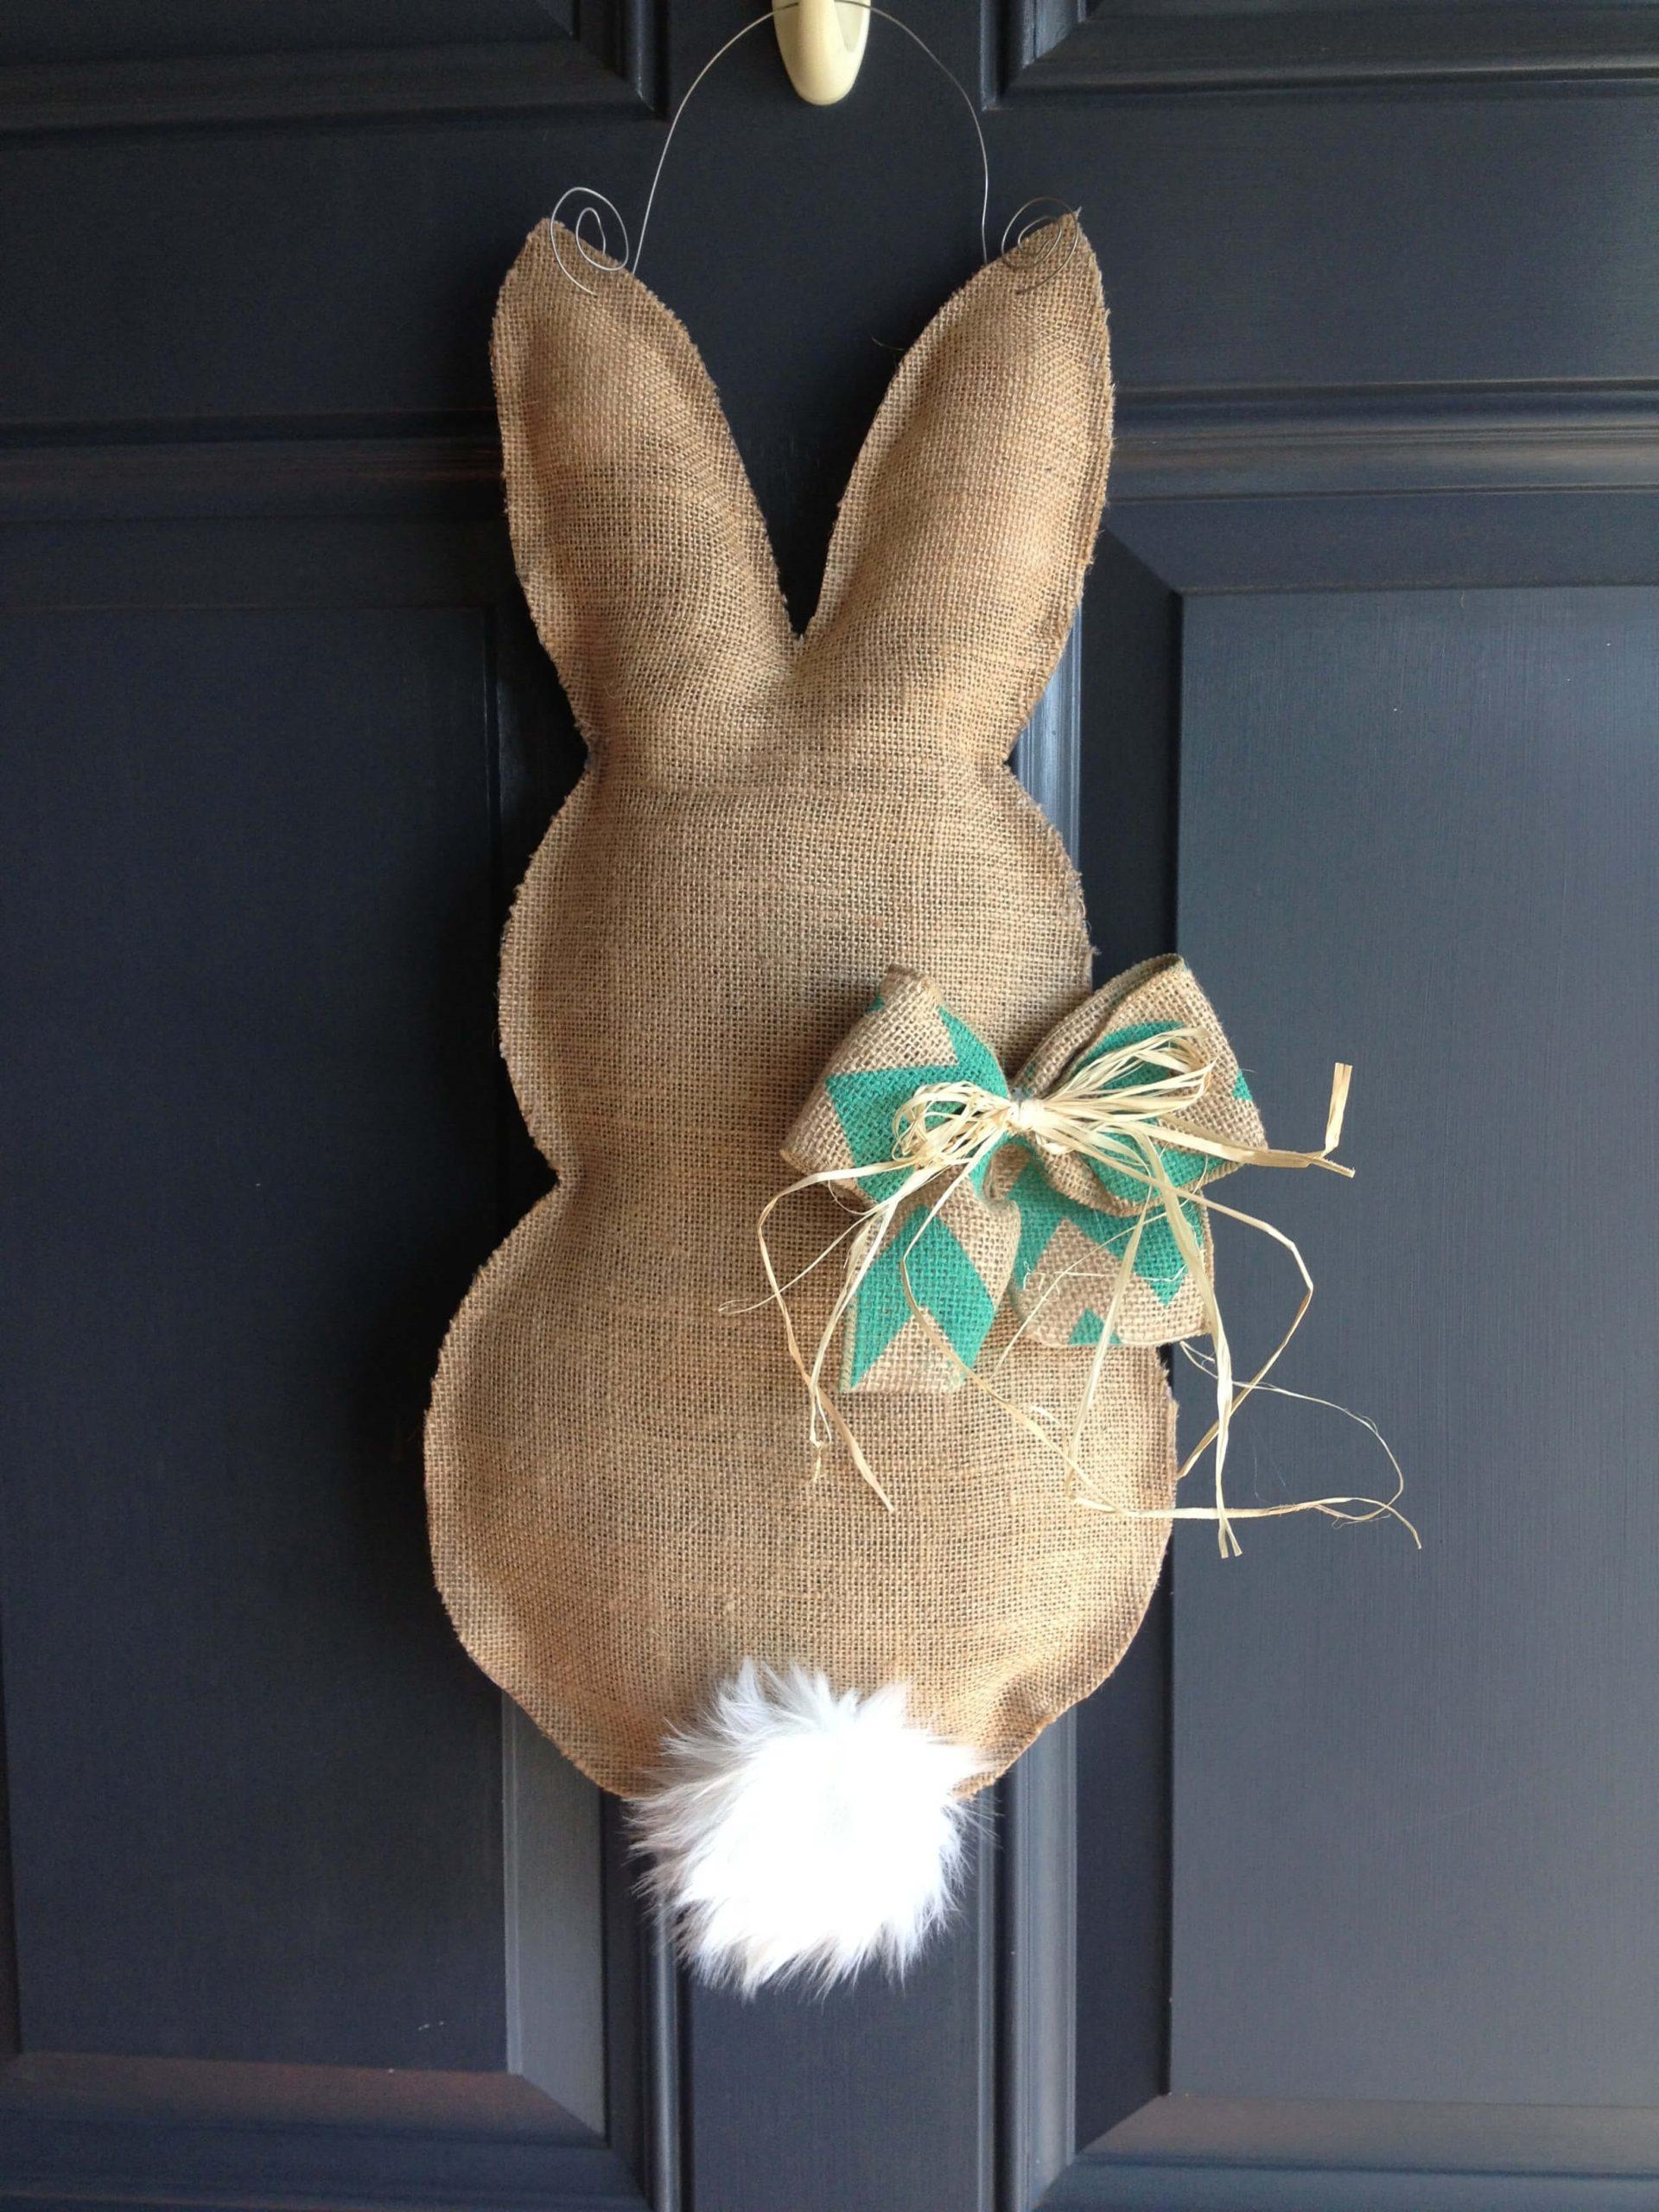 Lapin DIY comme décoration festive.